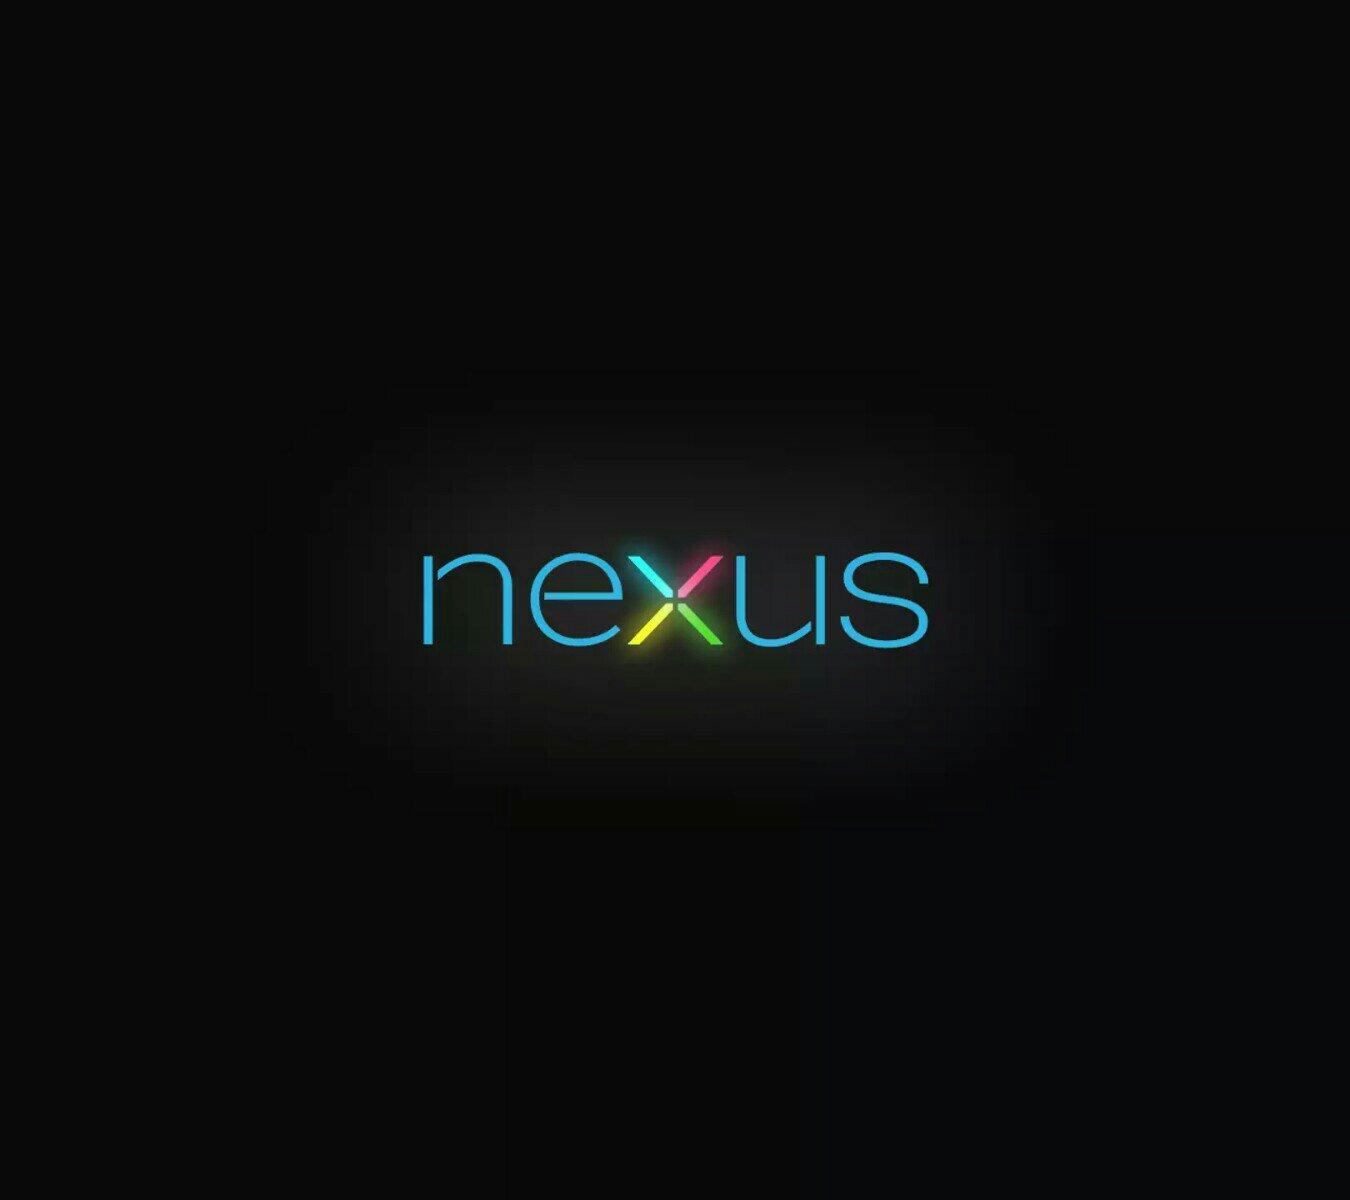 Nexus 5 background image size - Best Nexus 5 Wallpaper Wallpapersafari